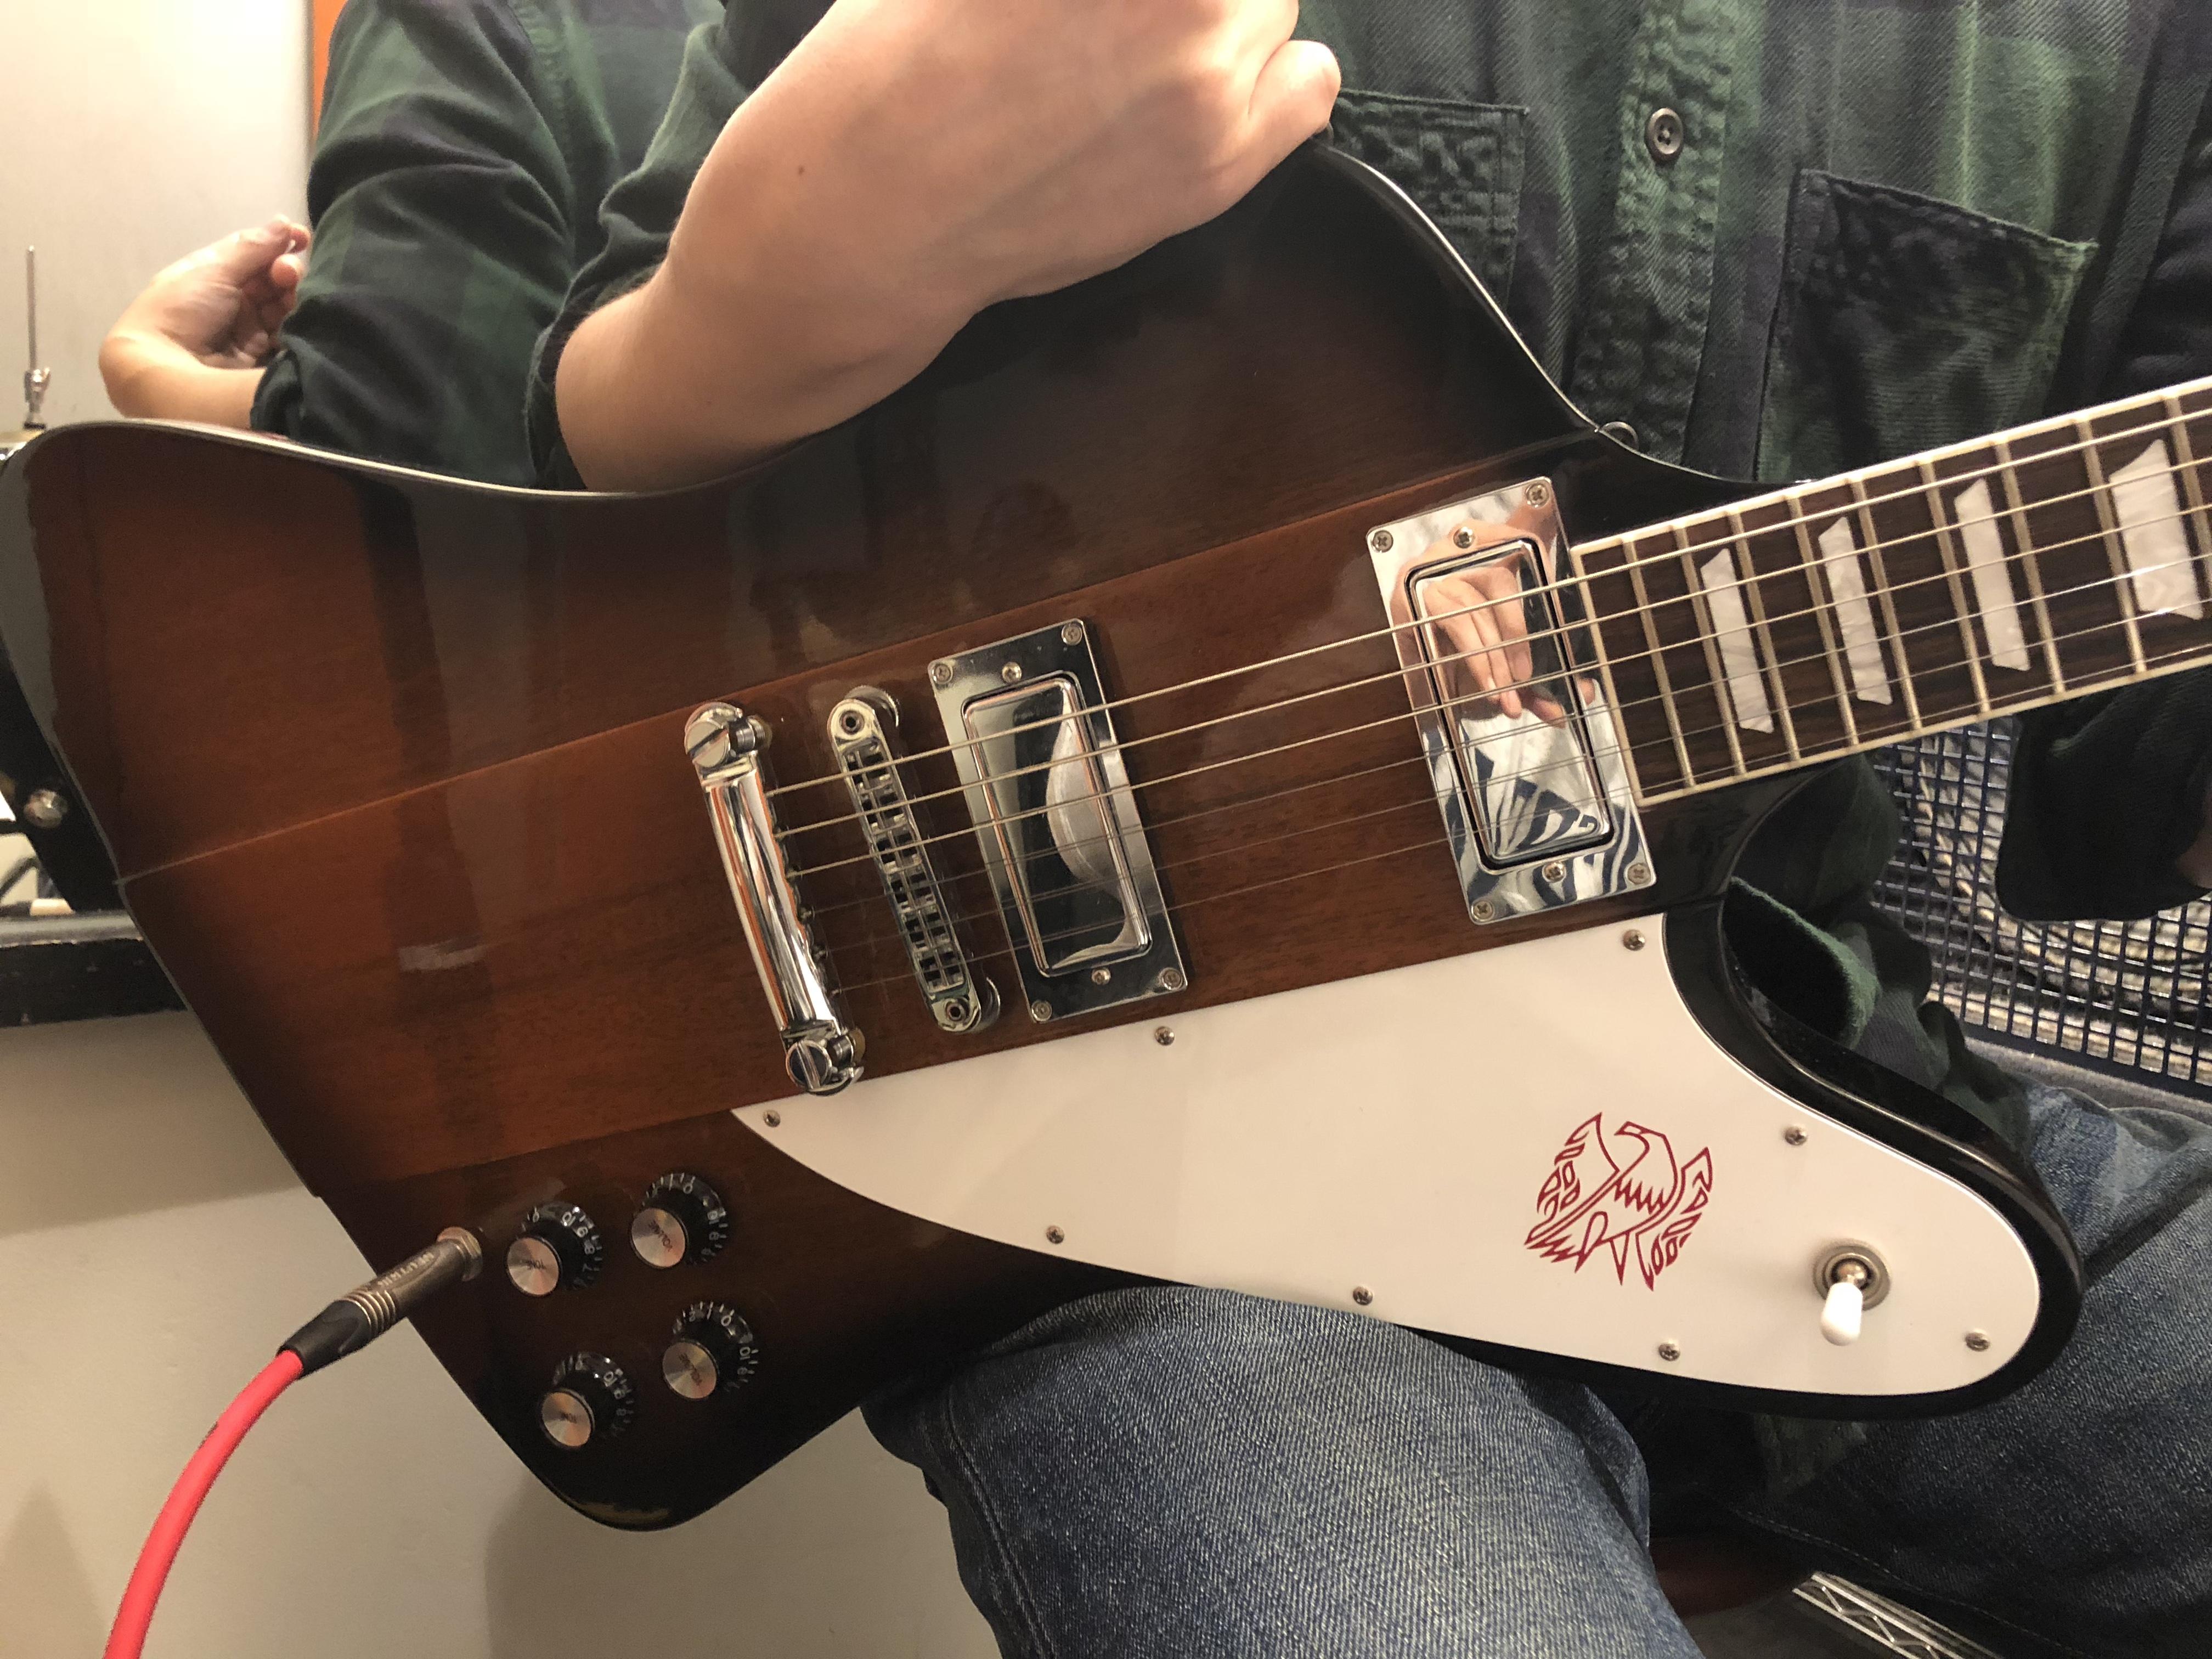 宇野振道場 Q-sai@楽器挫折者救済合宿 ギター教室 ギブソン ファイヤーバード